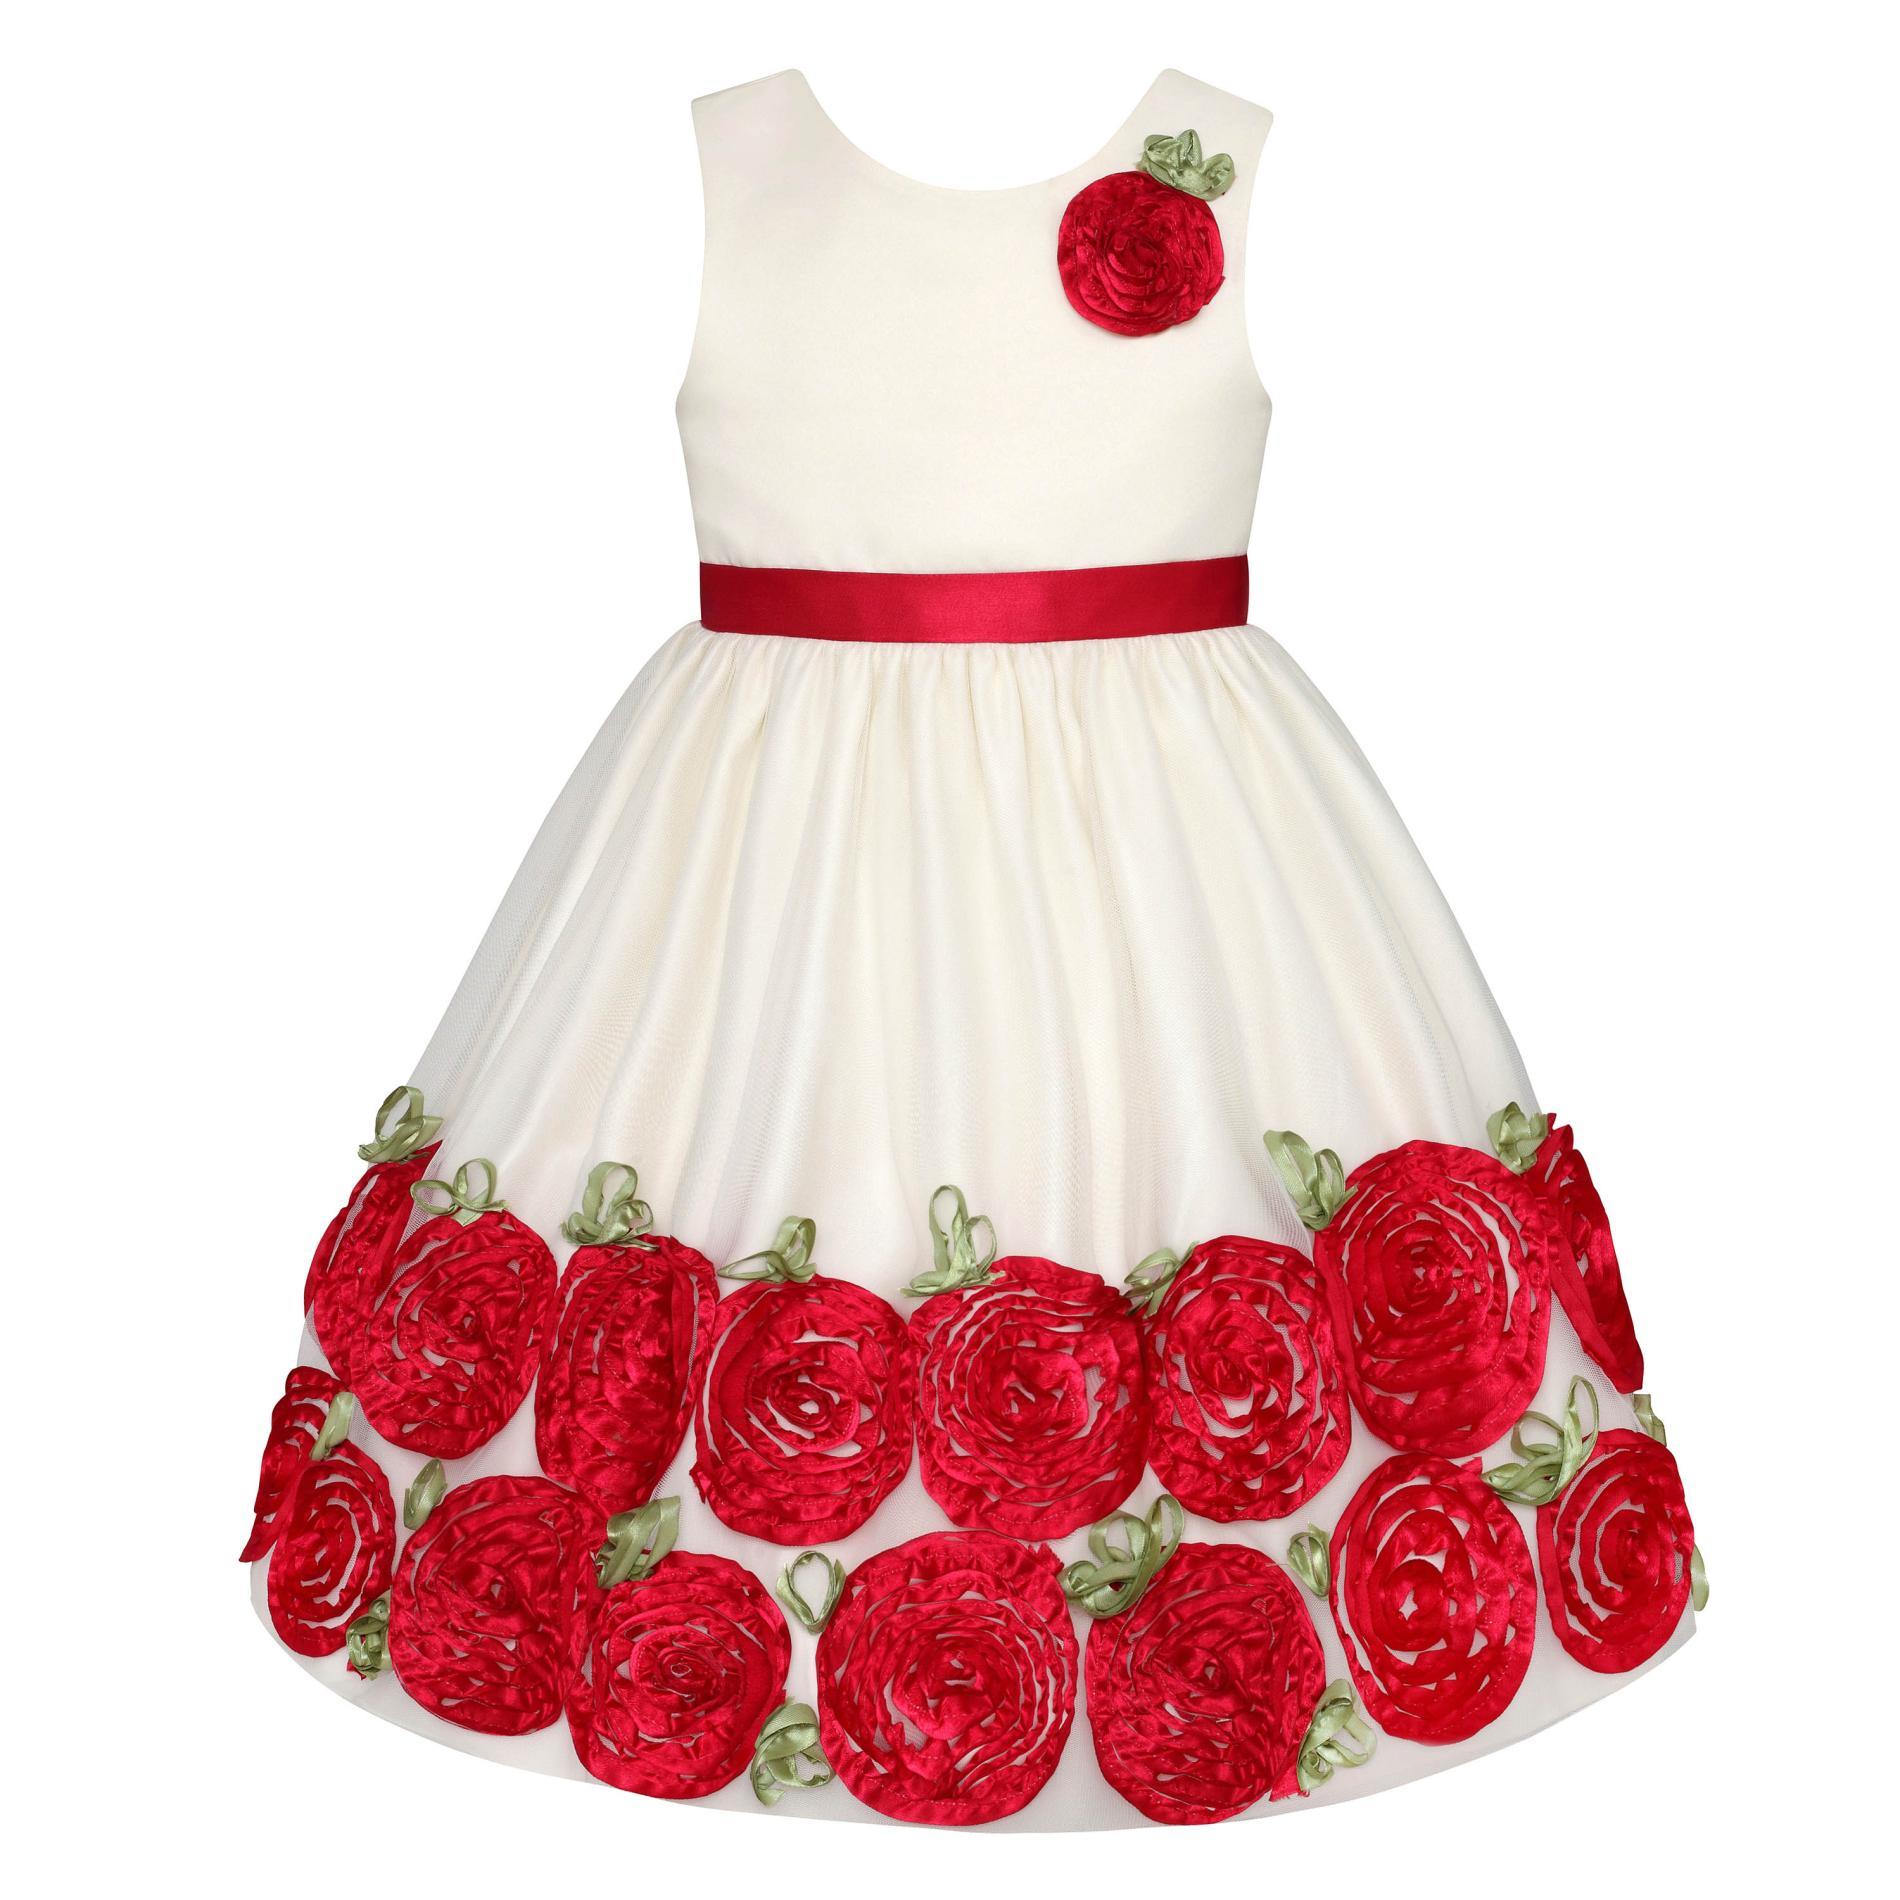 Newborn, Infant & Toddler Girls' Occasion Dress & Diaper Cover - Rosette